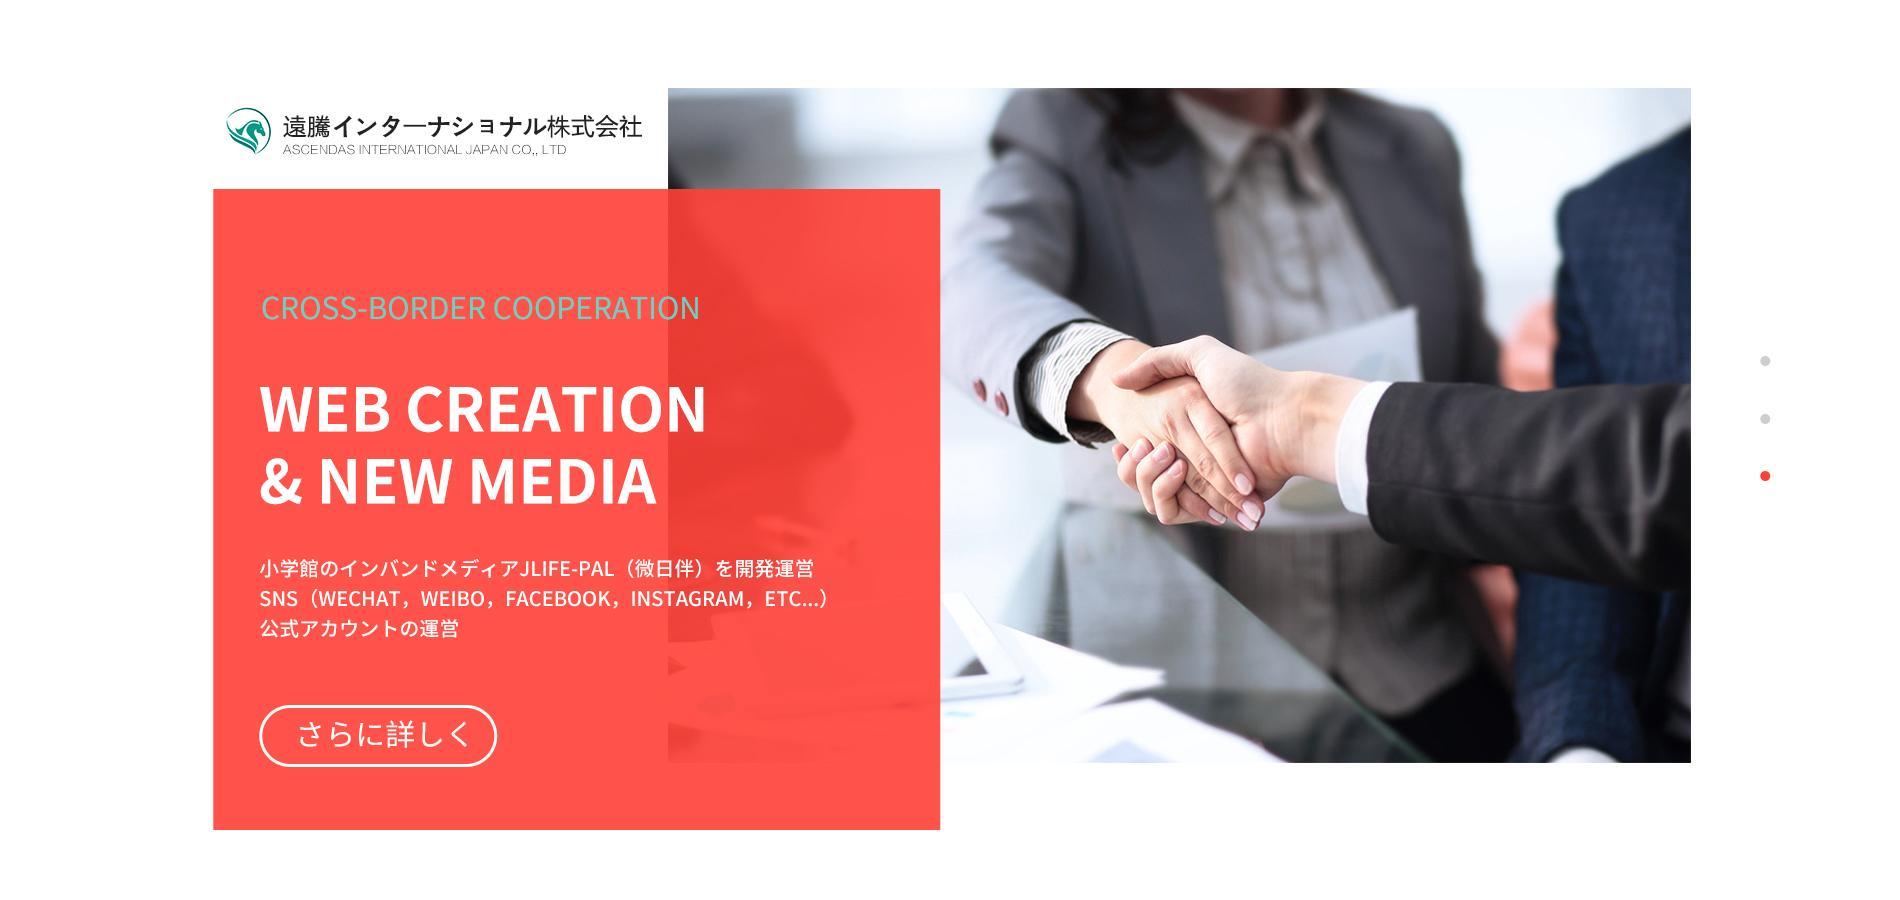 遠騰インターナショナル株式会社